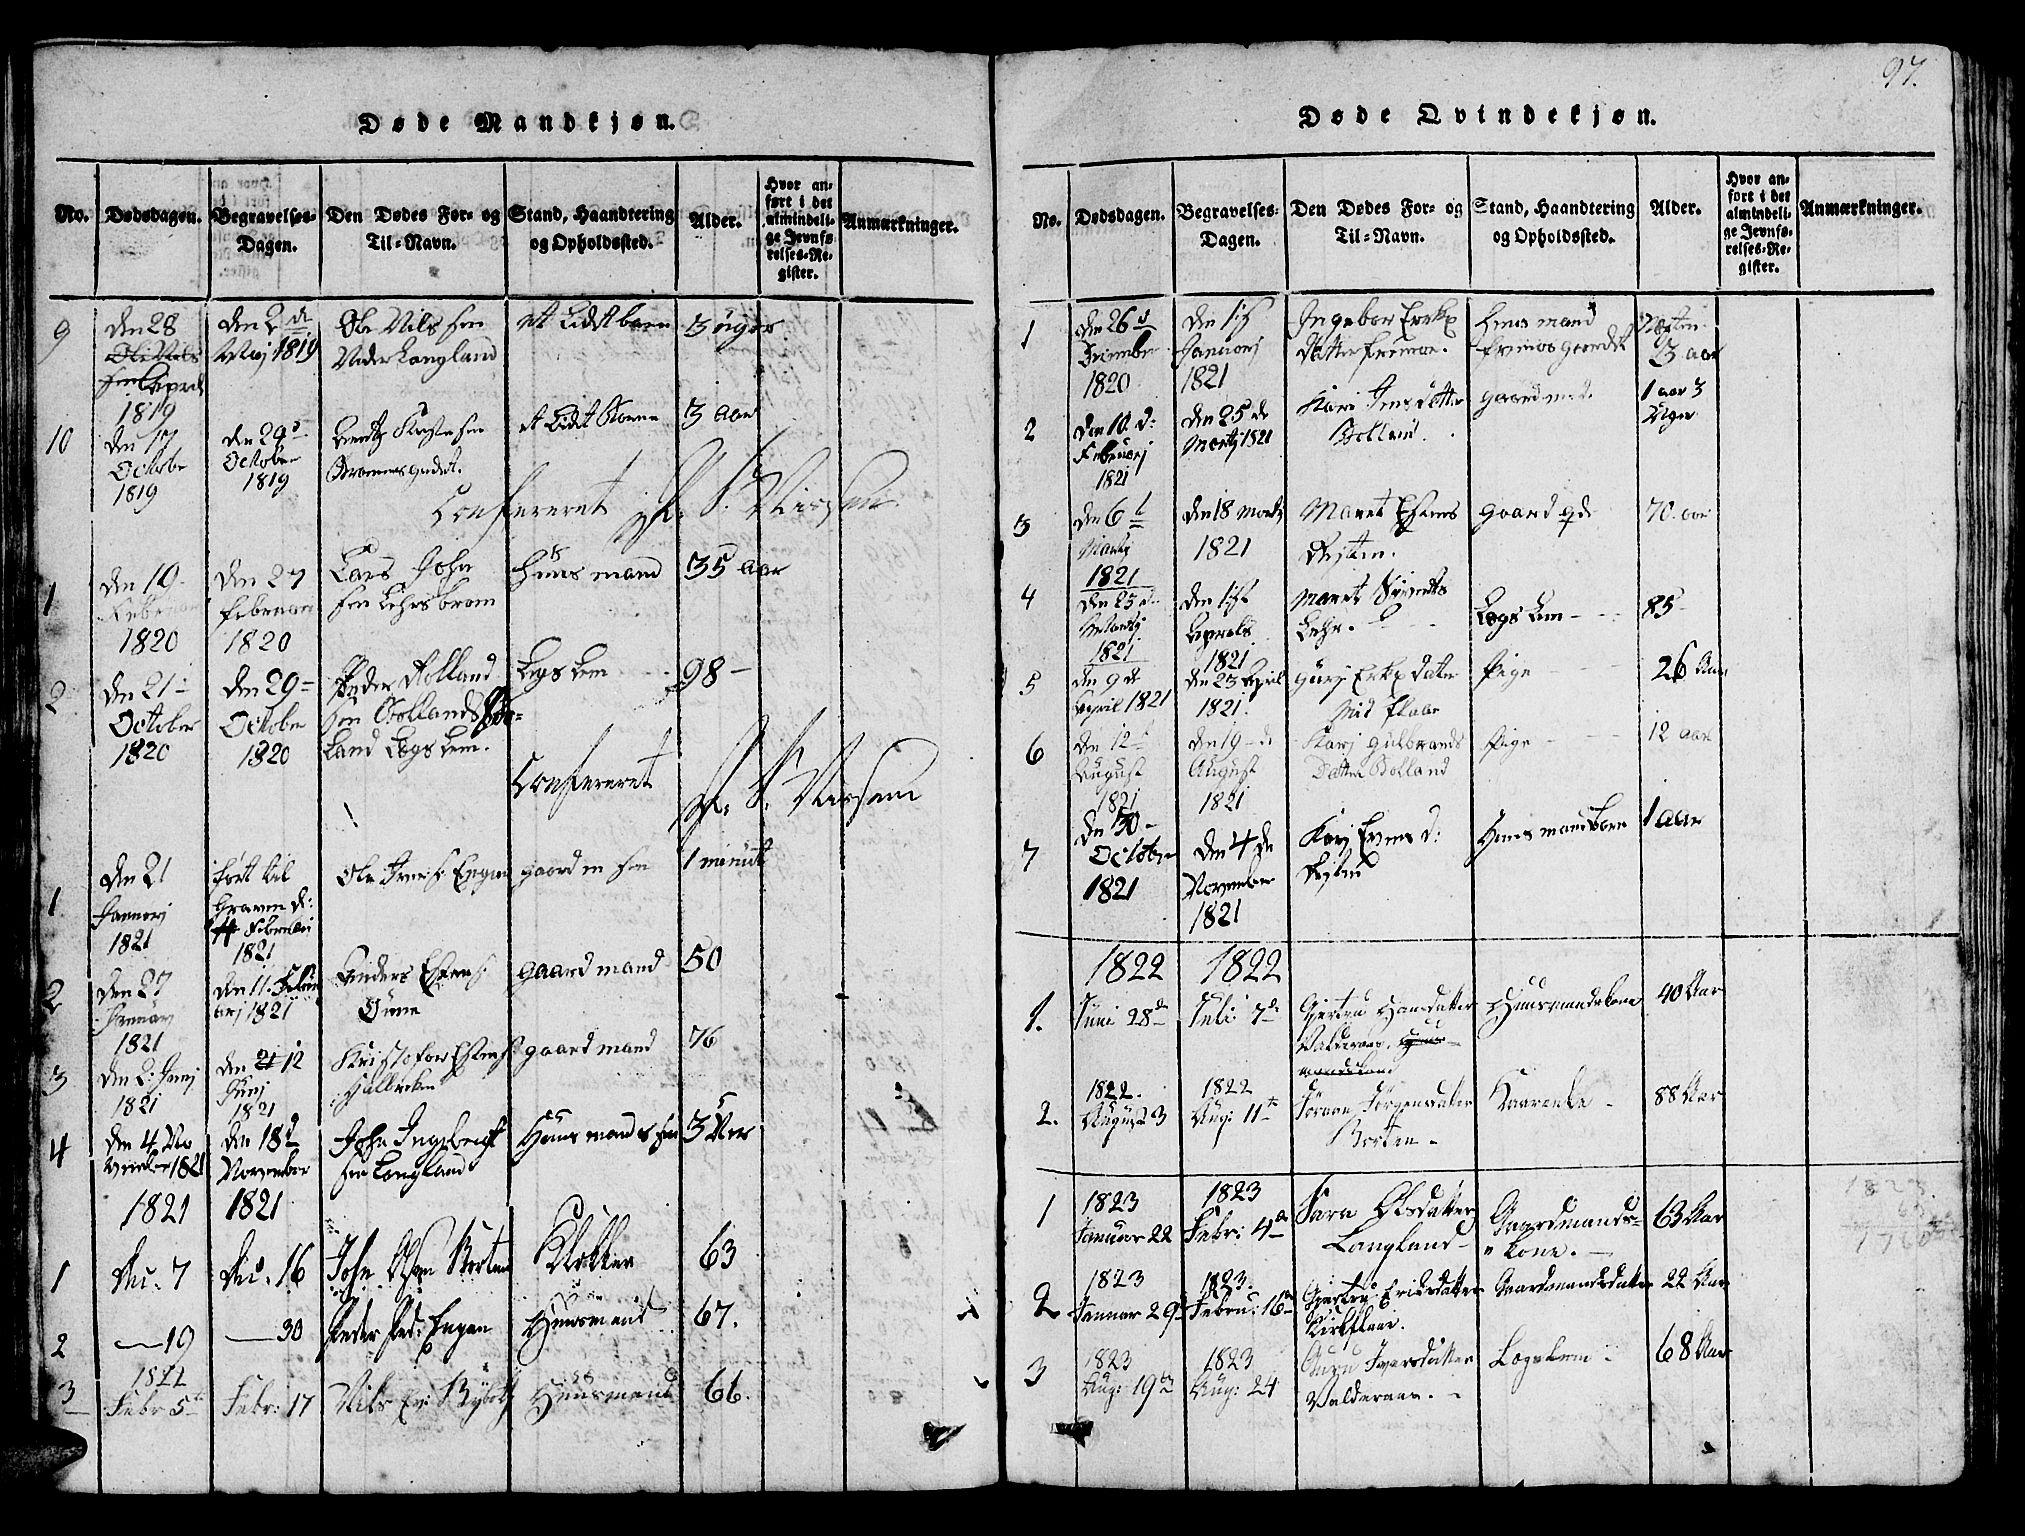 SAT, Ministerialprotokoller, klokkerbøker og fødselsregistre - Sør-Trøndelag, 693/L1121: Klokkerbok nr. 693C02, 1816-1869, s. 97